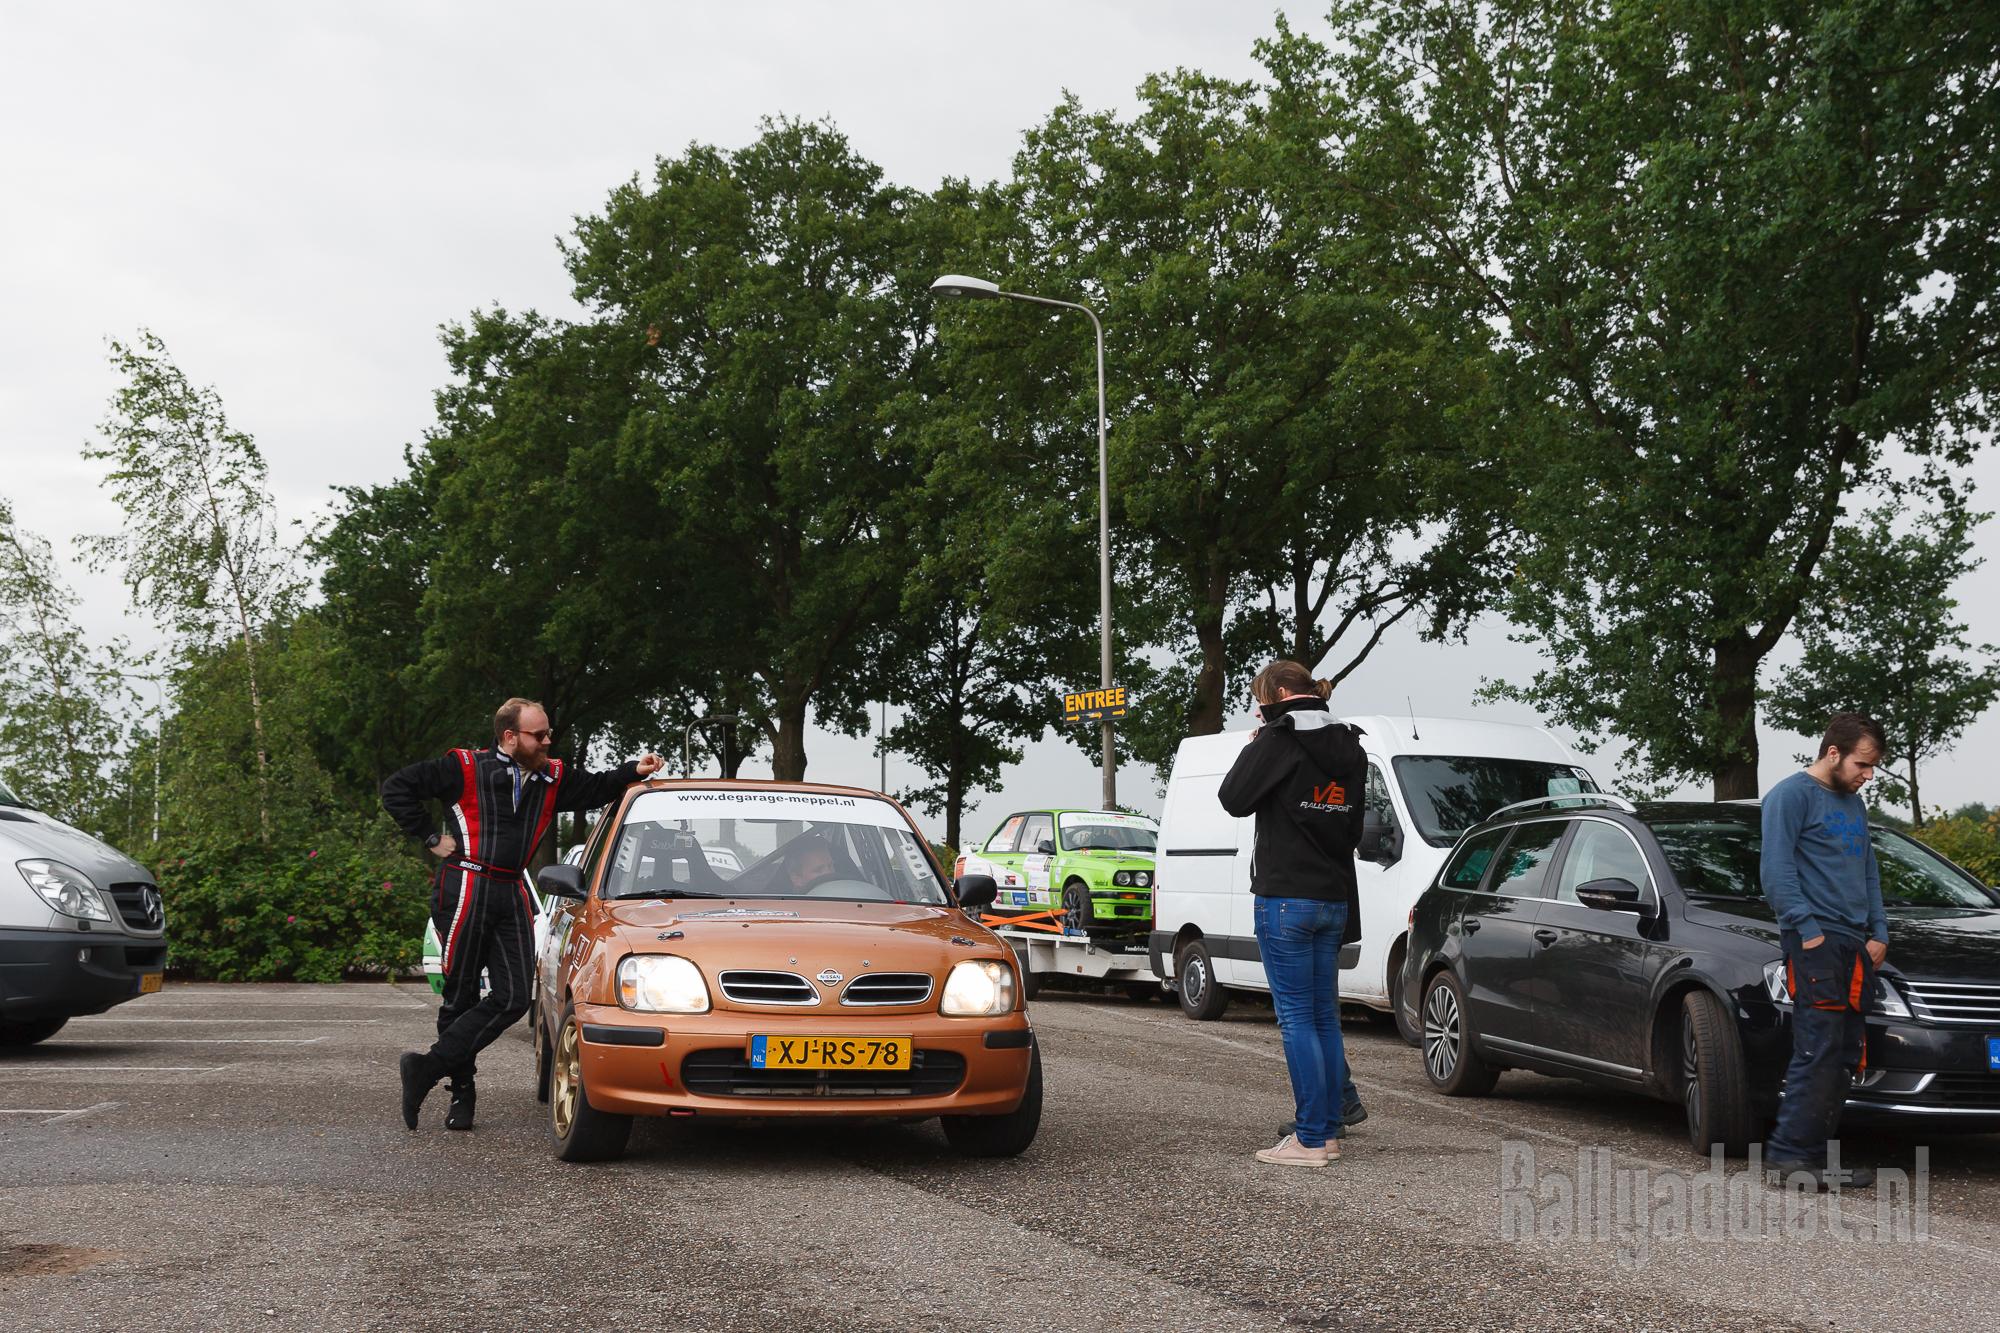 Ivo_Rijniersce-rallyaddict-vechtdal-IR1D0991